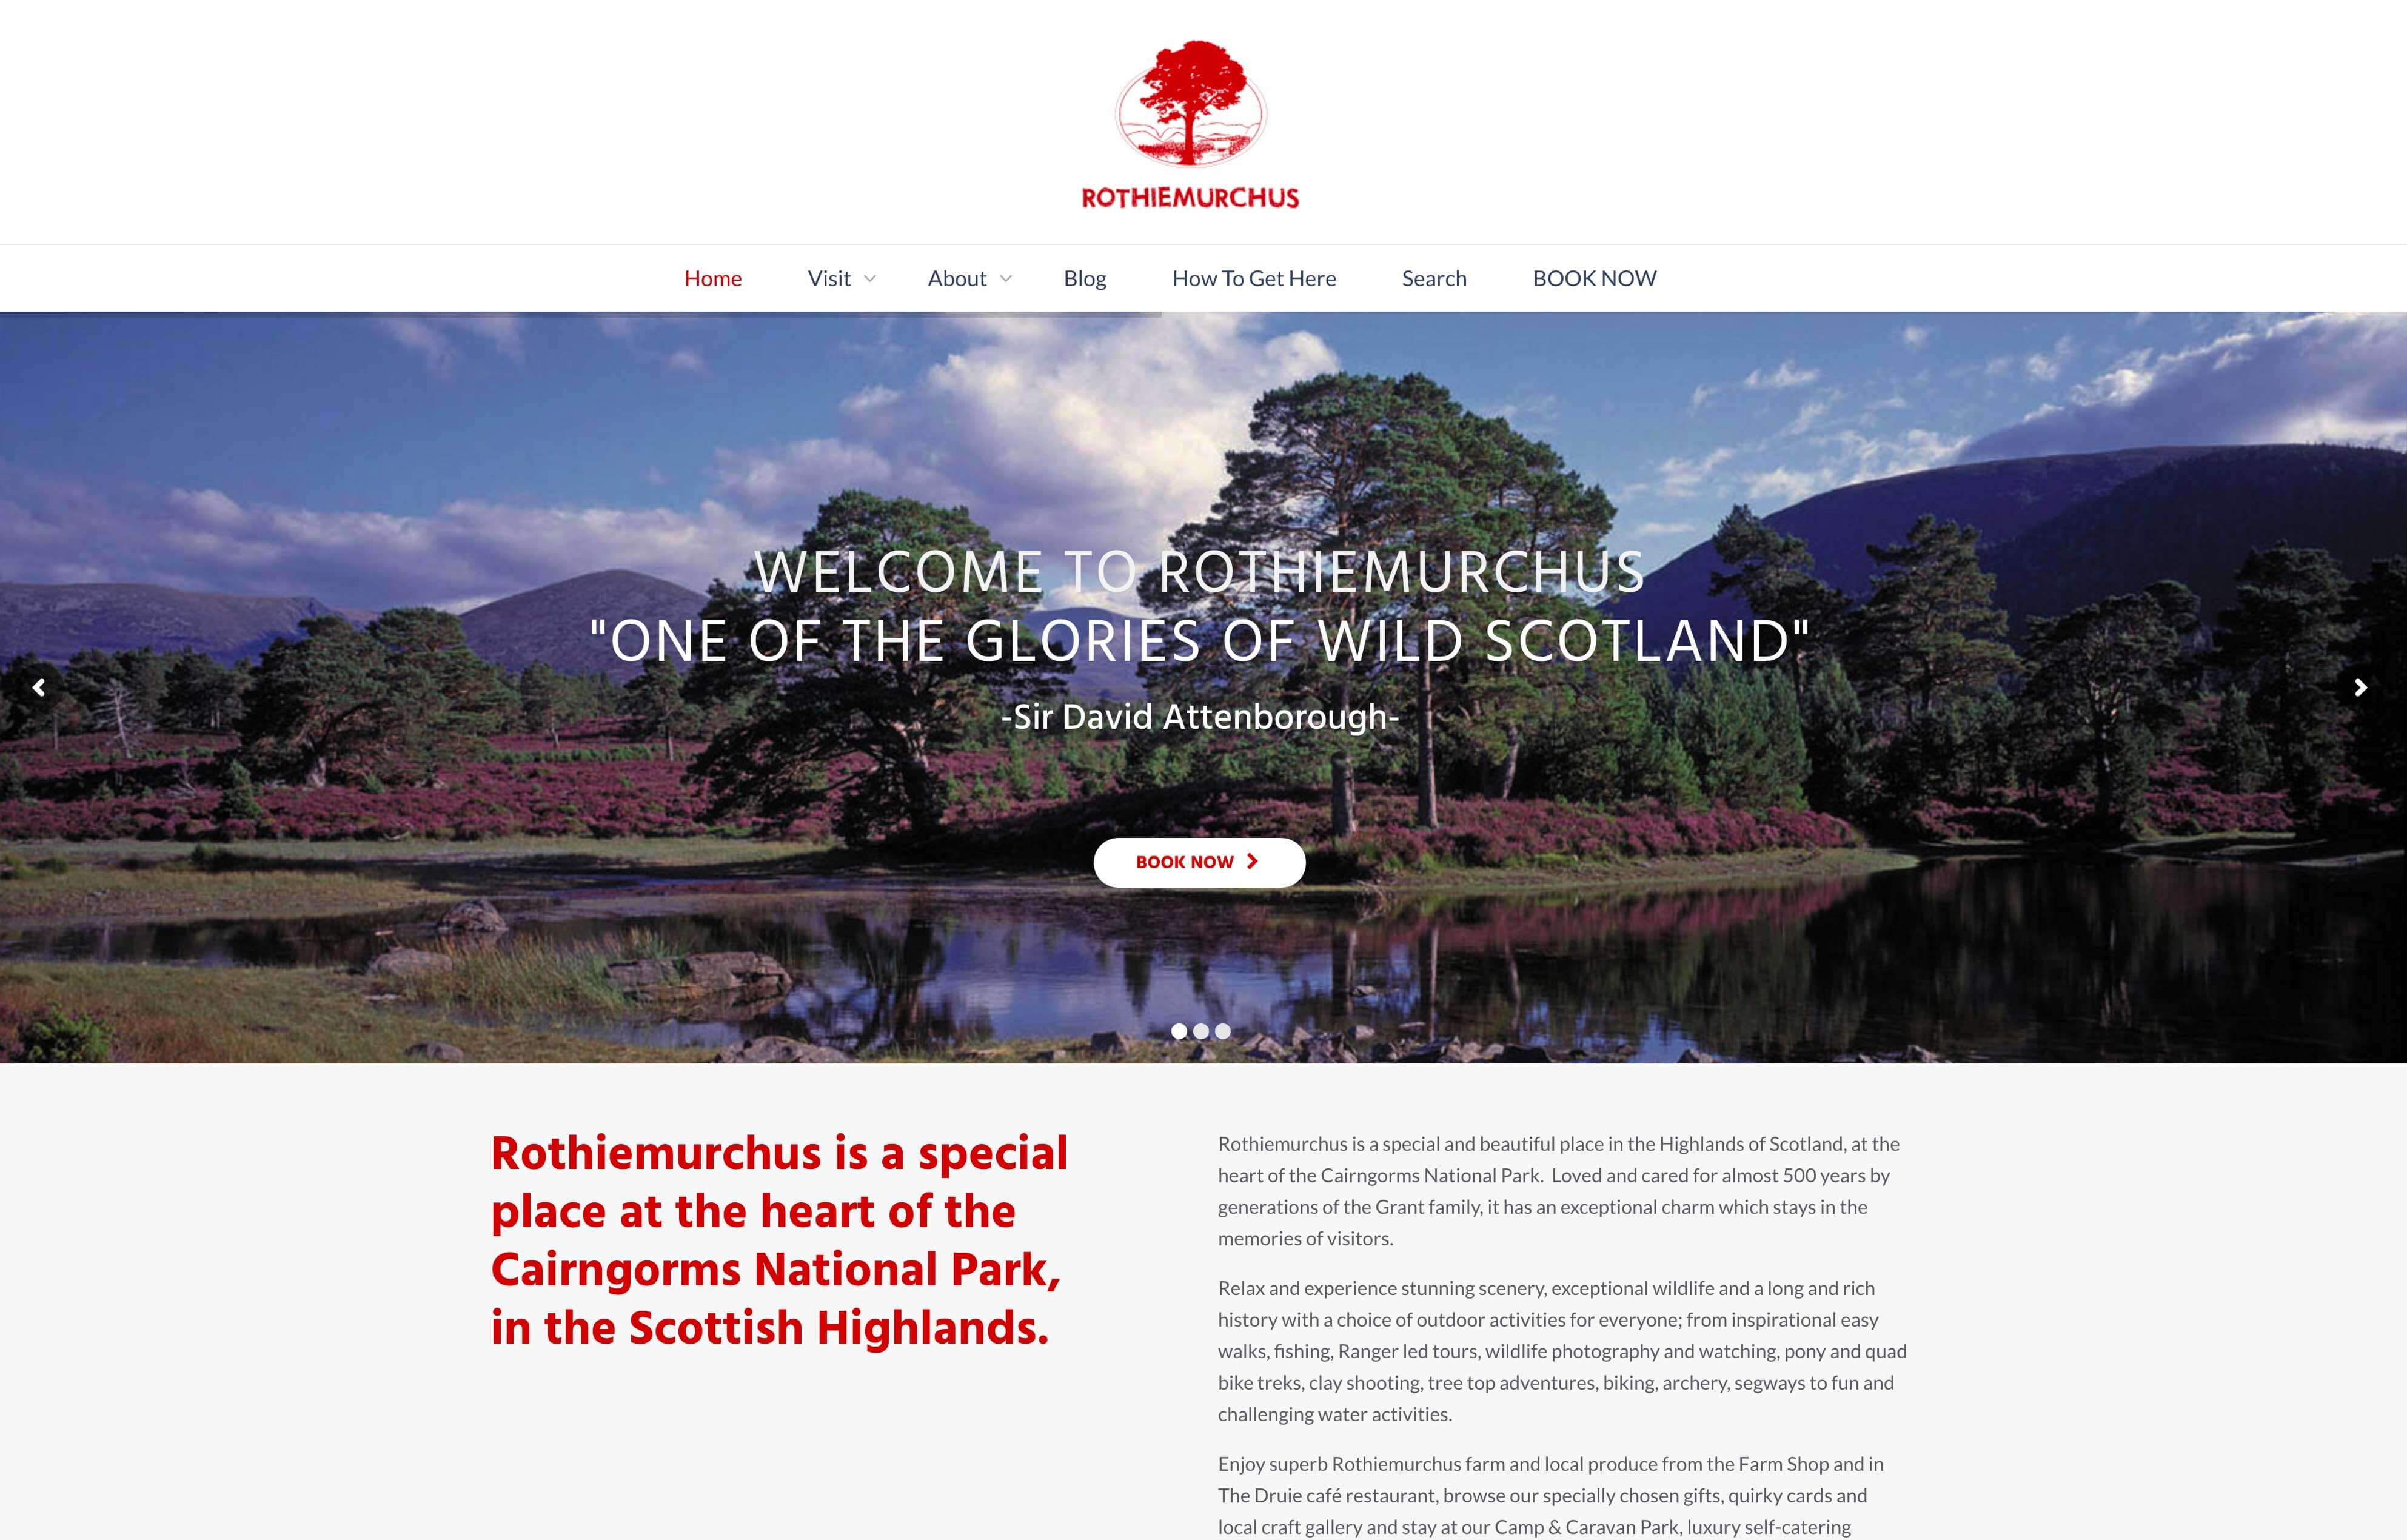 rothiemurchus